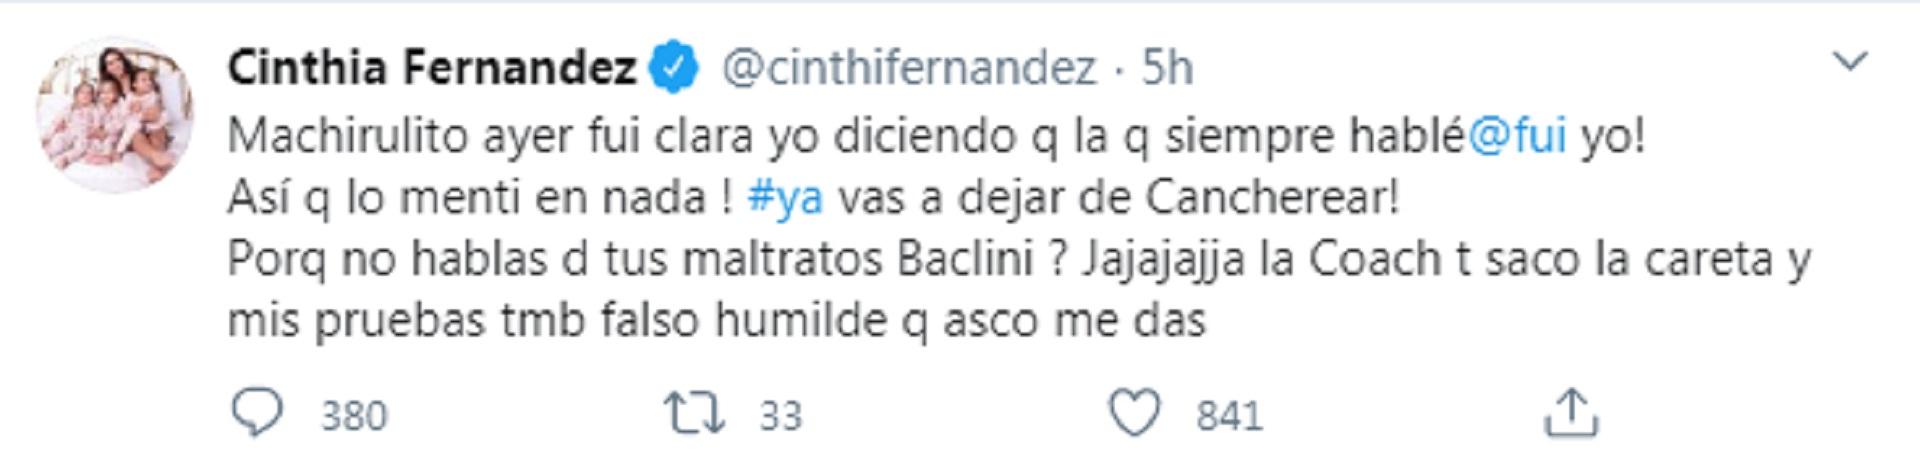 El tuit de Cinthia Fernández